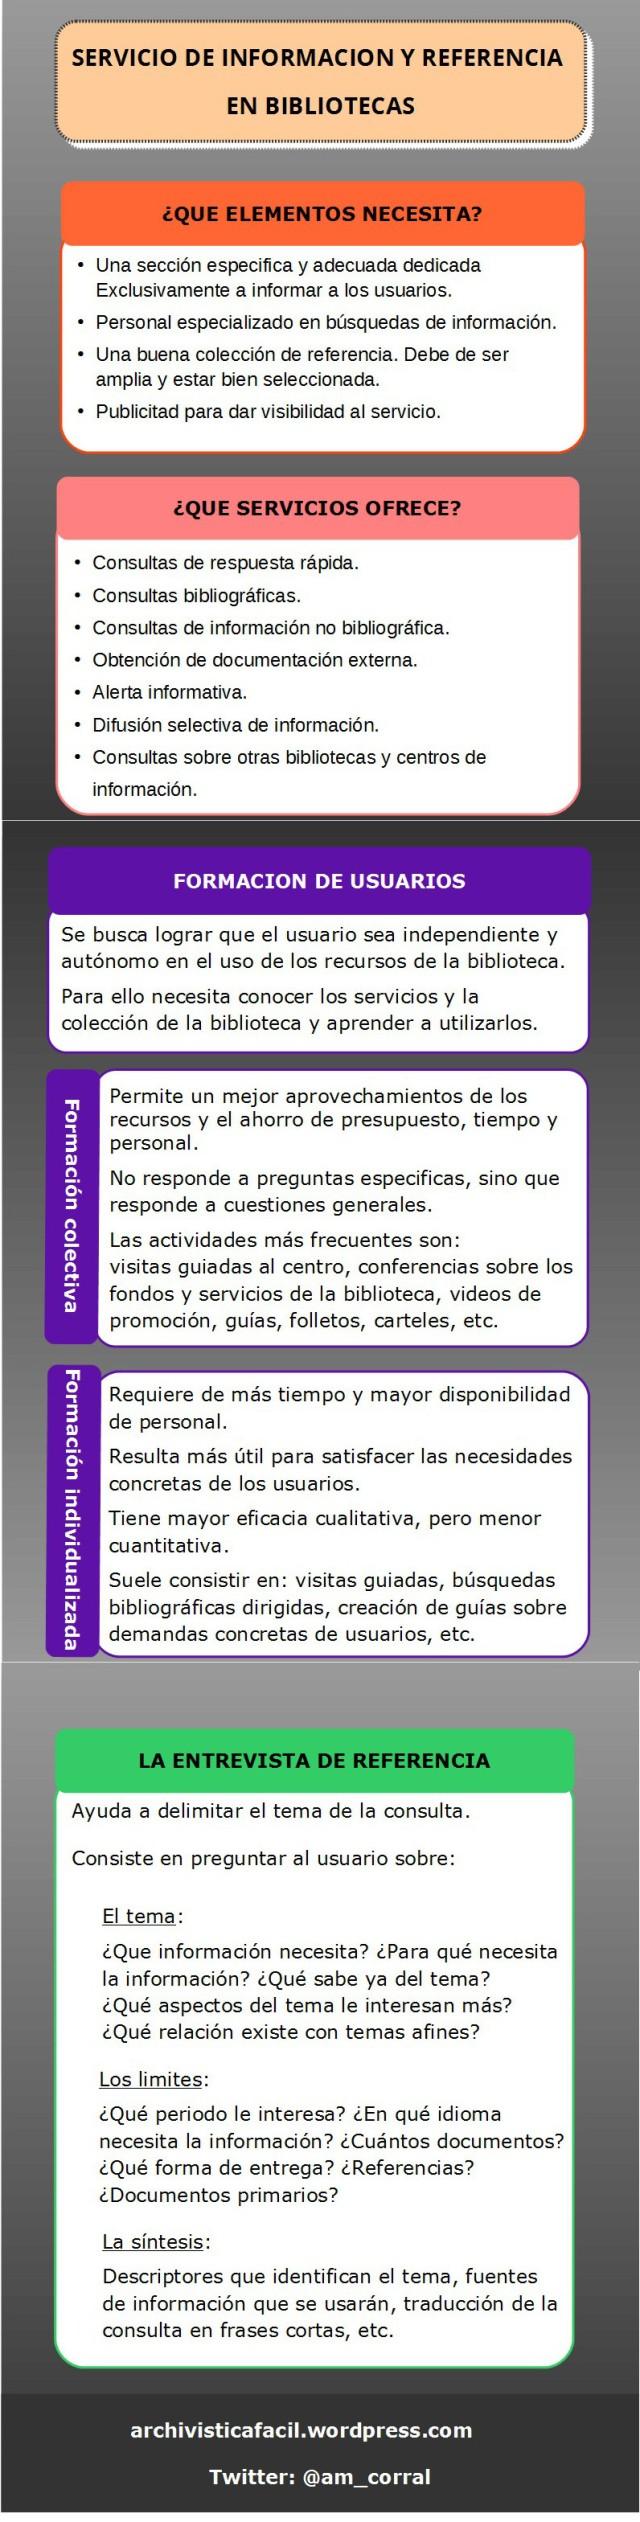 Infografia: El servicio de informacion y referencia en bibliotecas